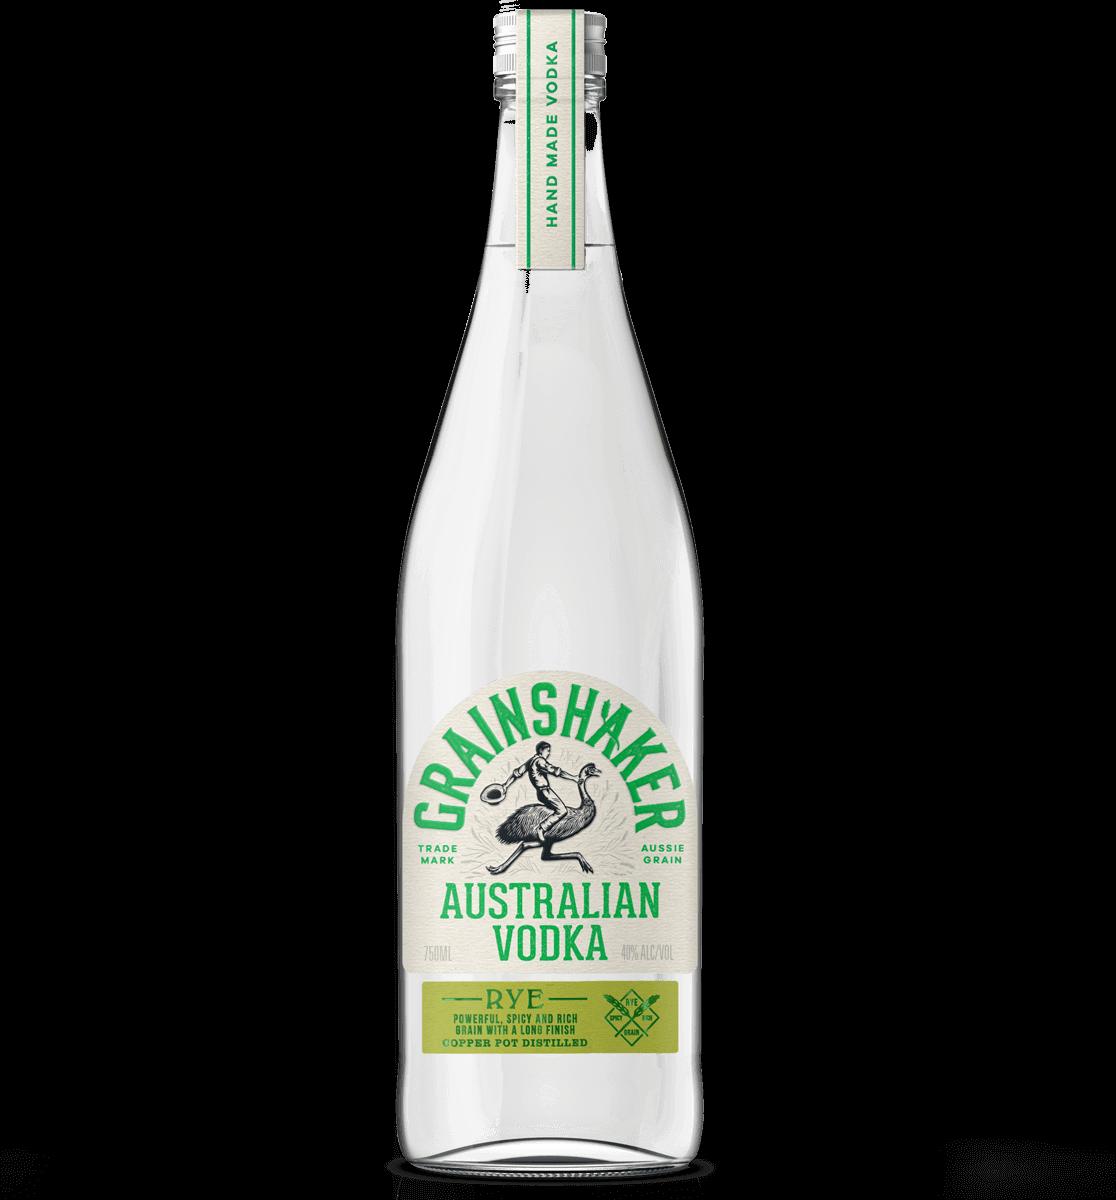 Grainshaker Rye Vodka